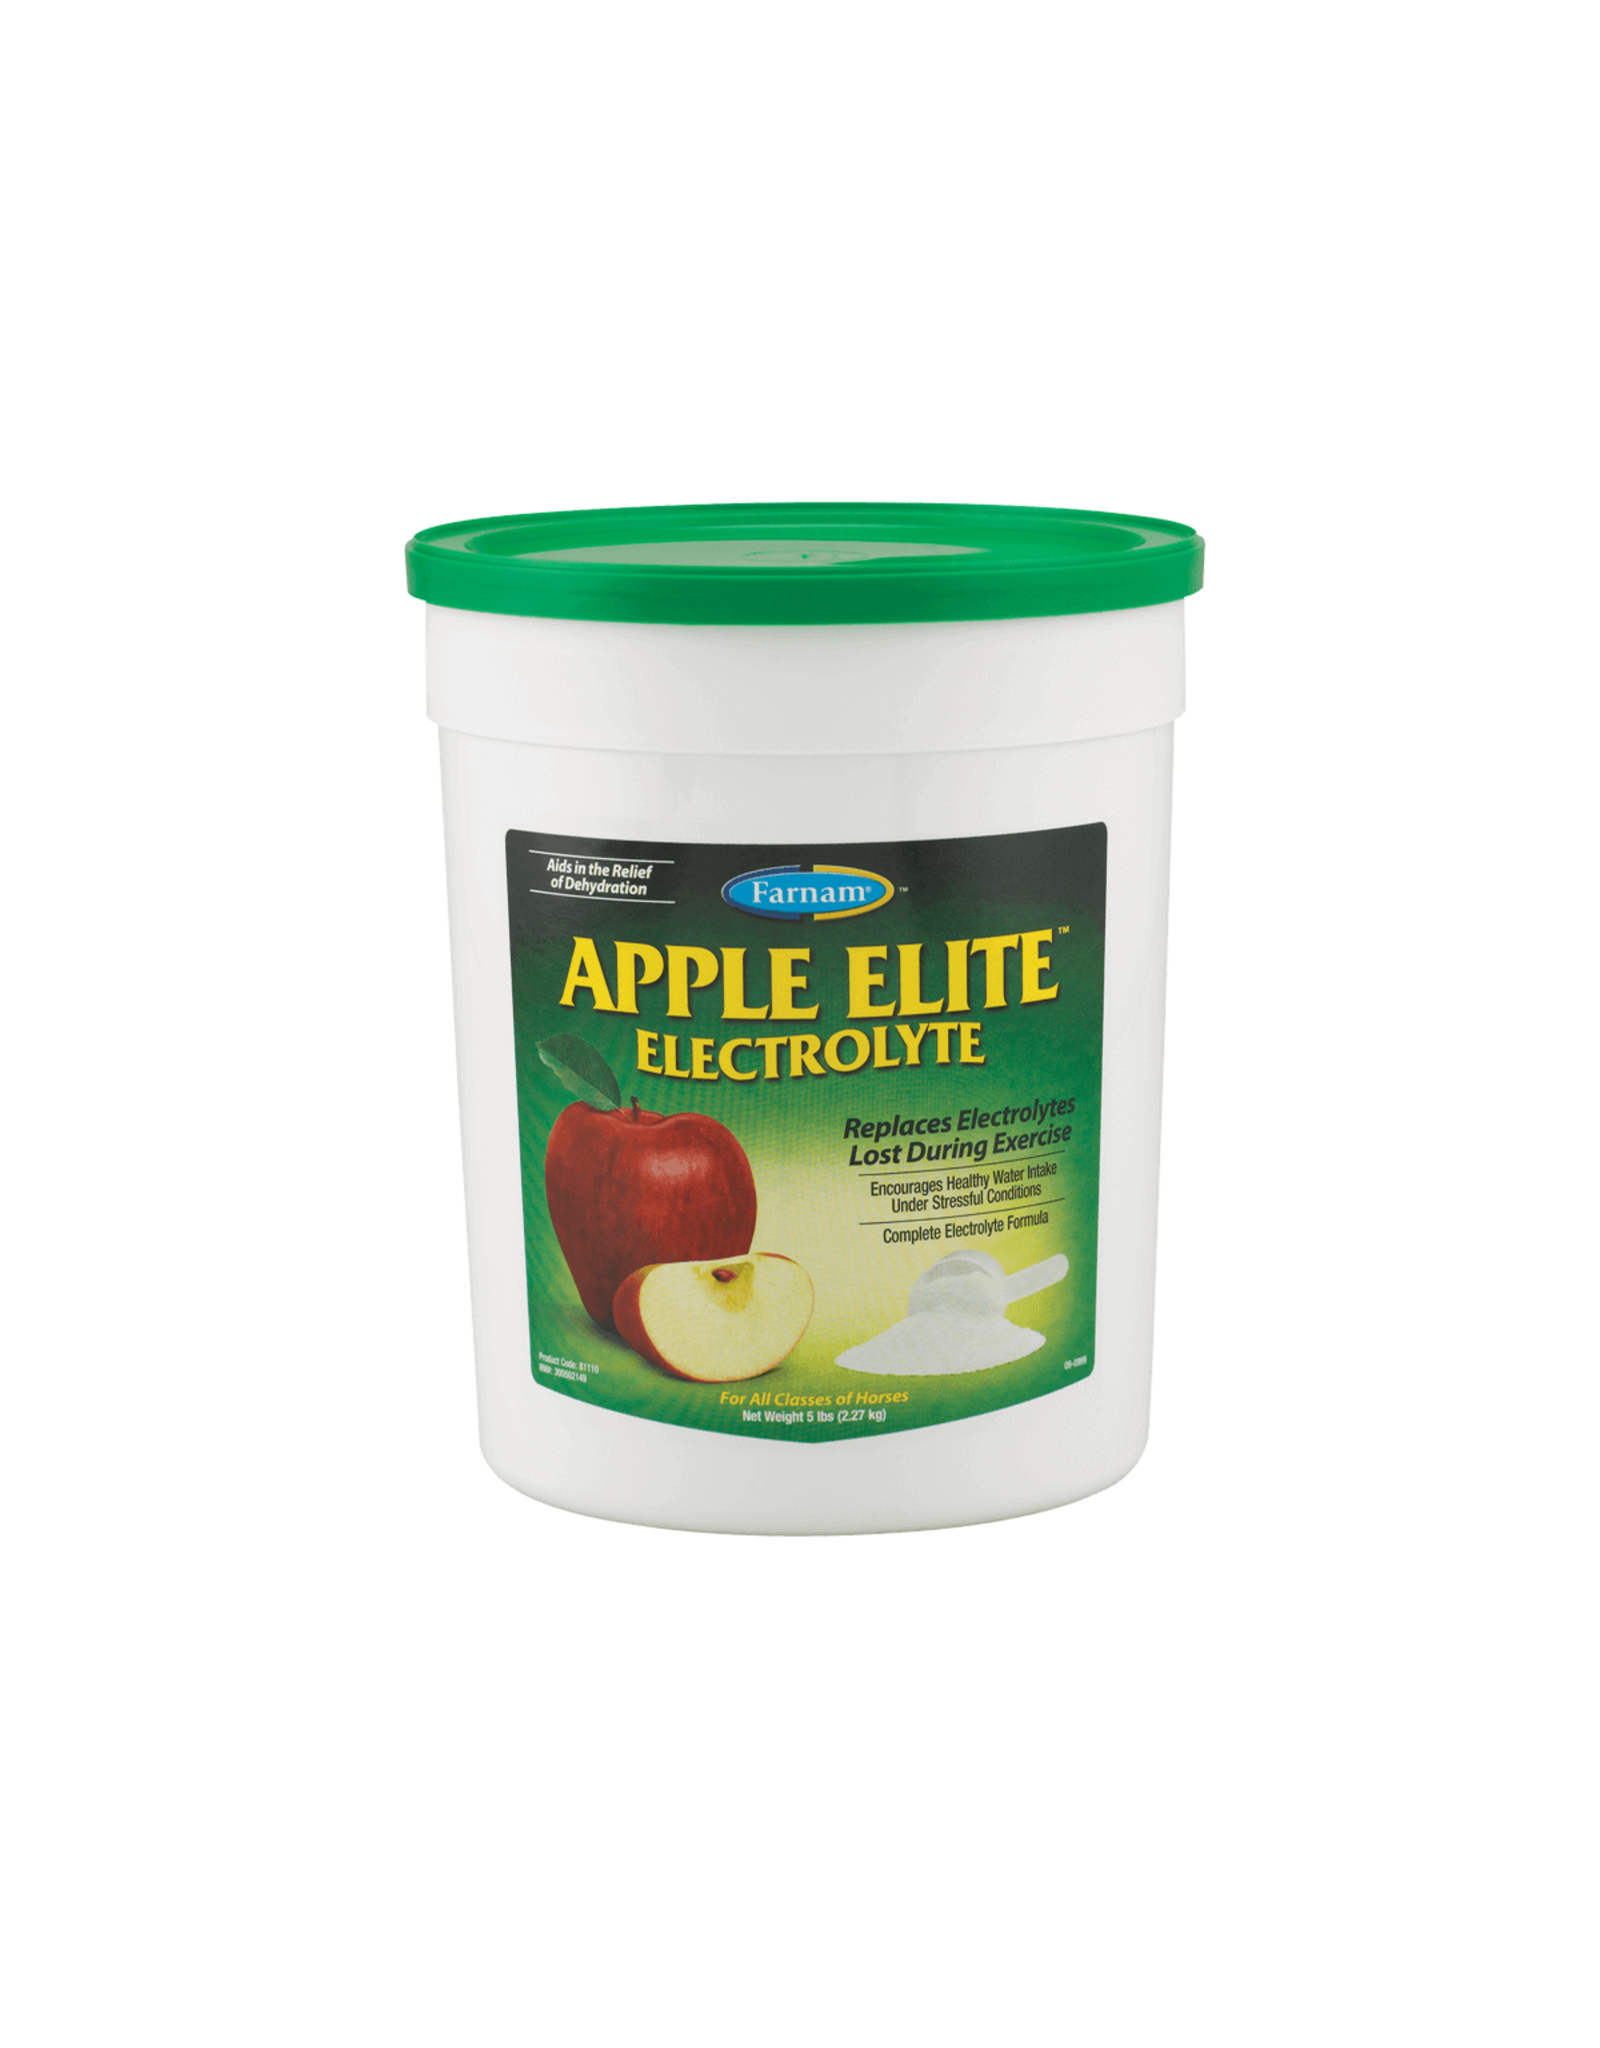 Apple Elite